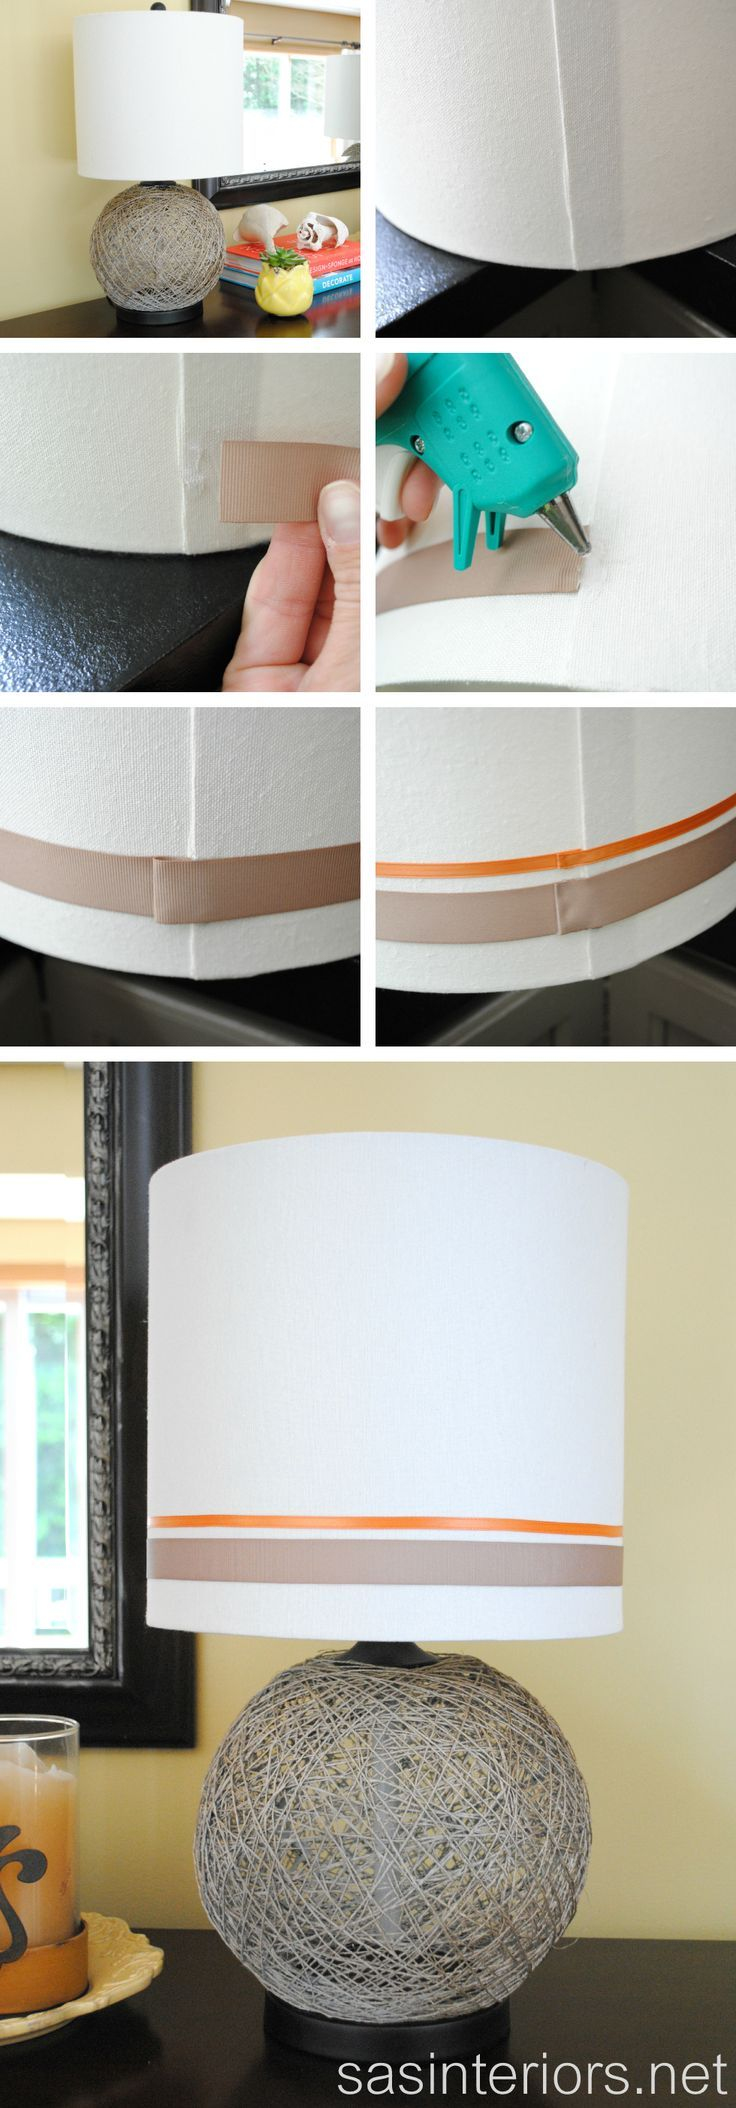 Adding ribbon to lampshade tips | Living room lamp shades ...